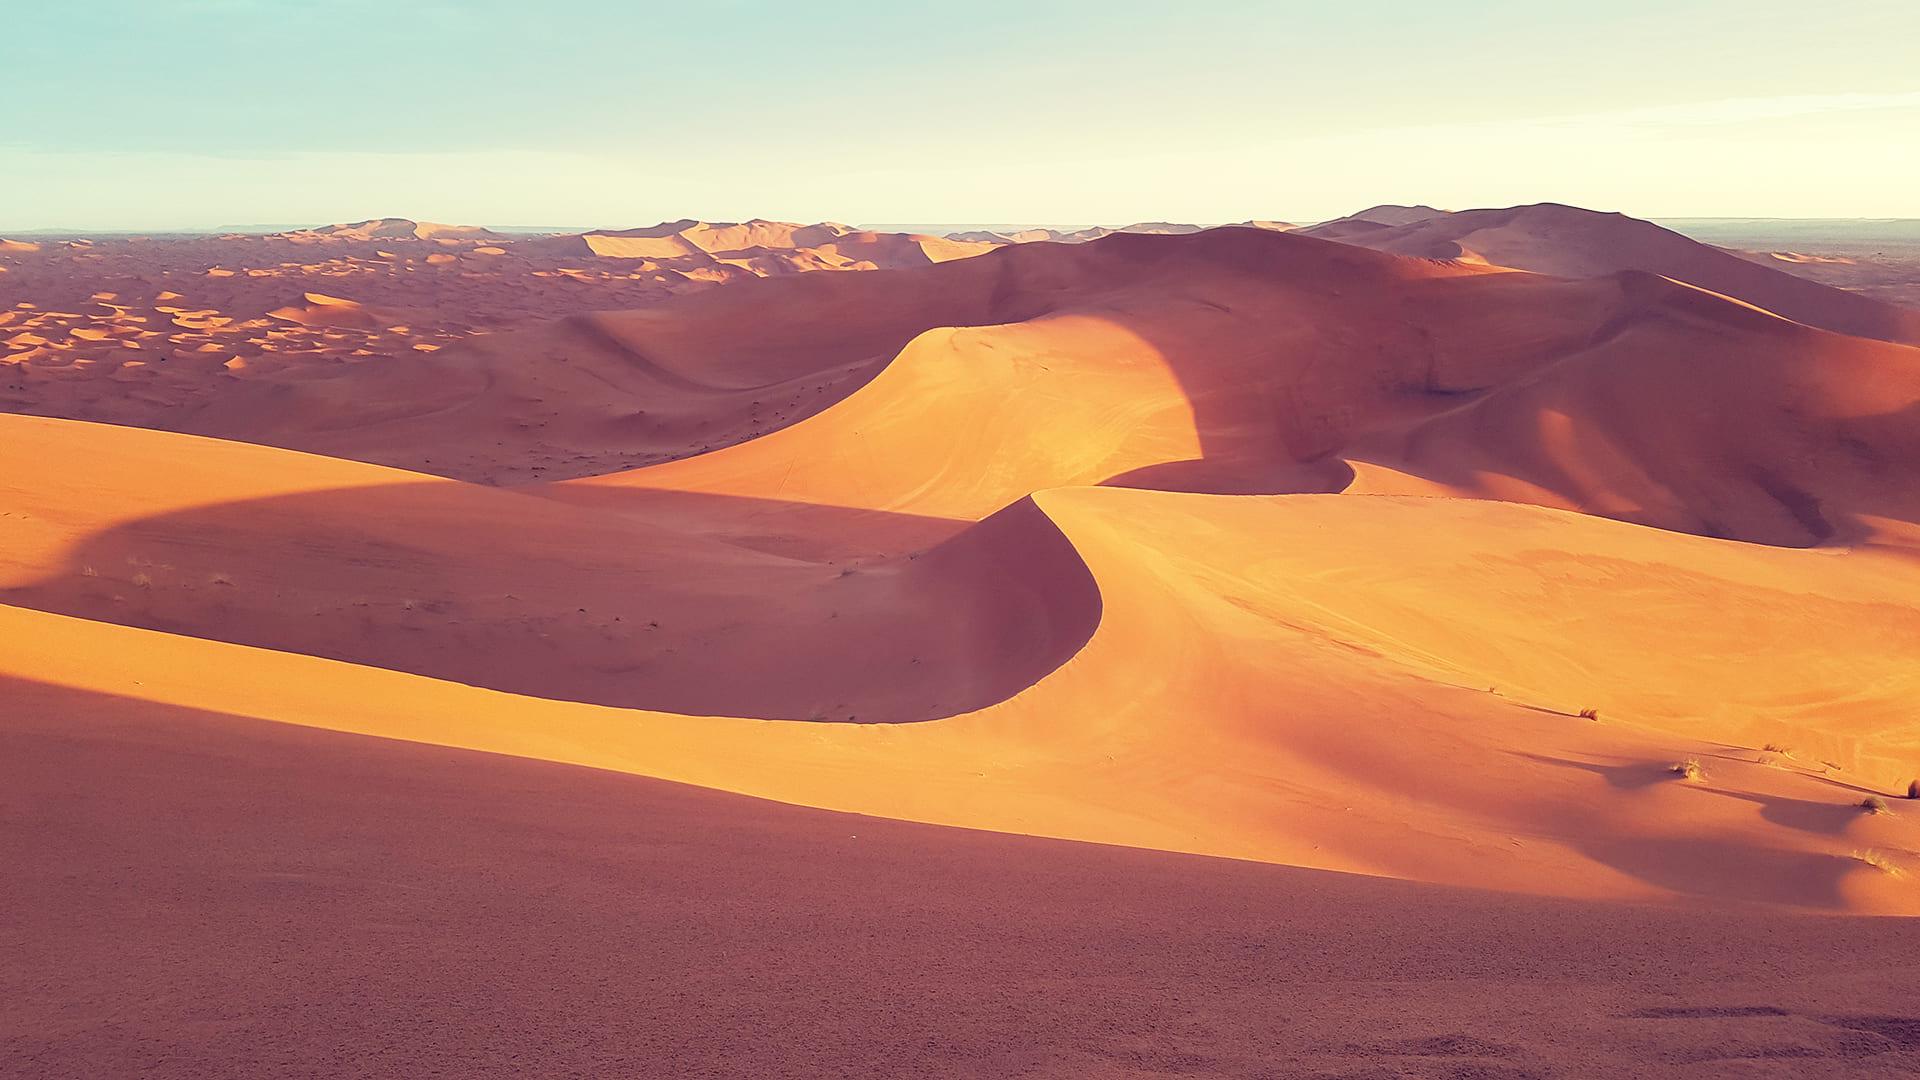 El desierto de Marruecos